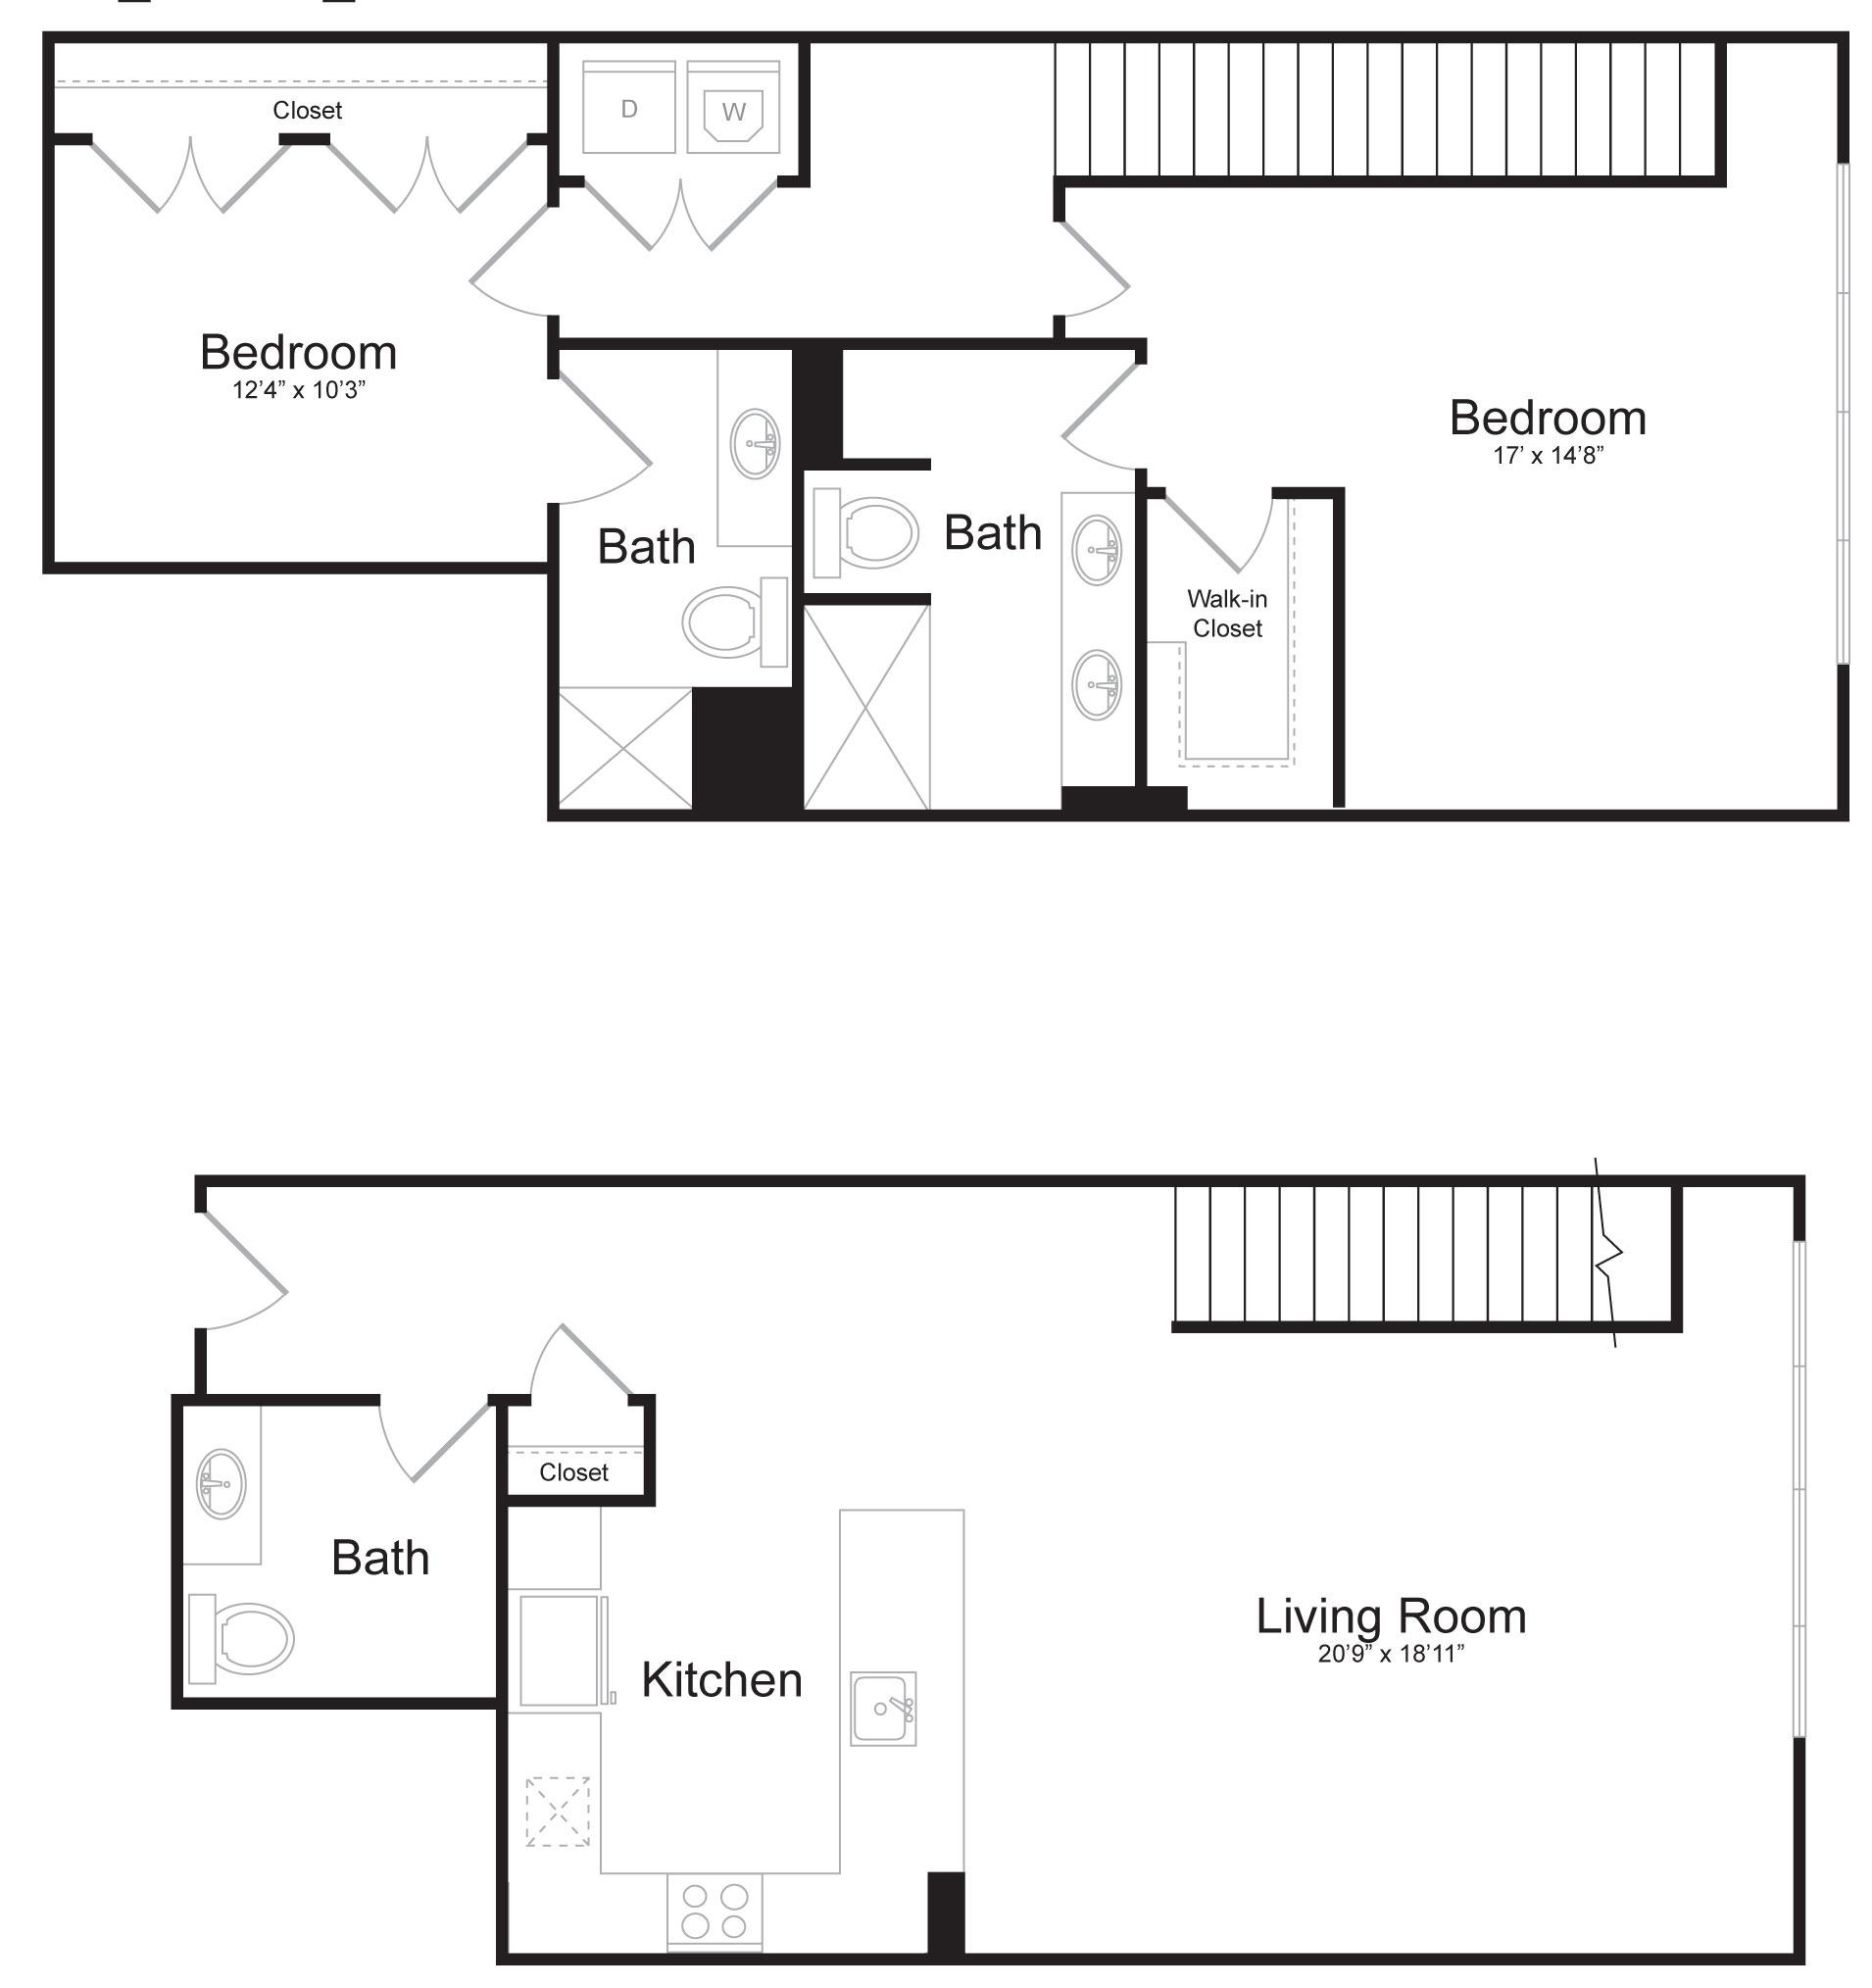 Duplex E1 - 2 Bed 2 Bath - 1,739 SF